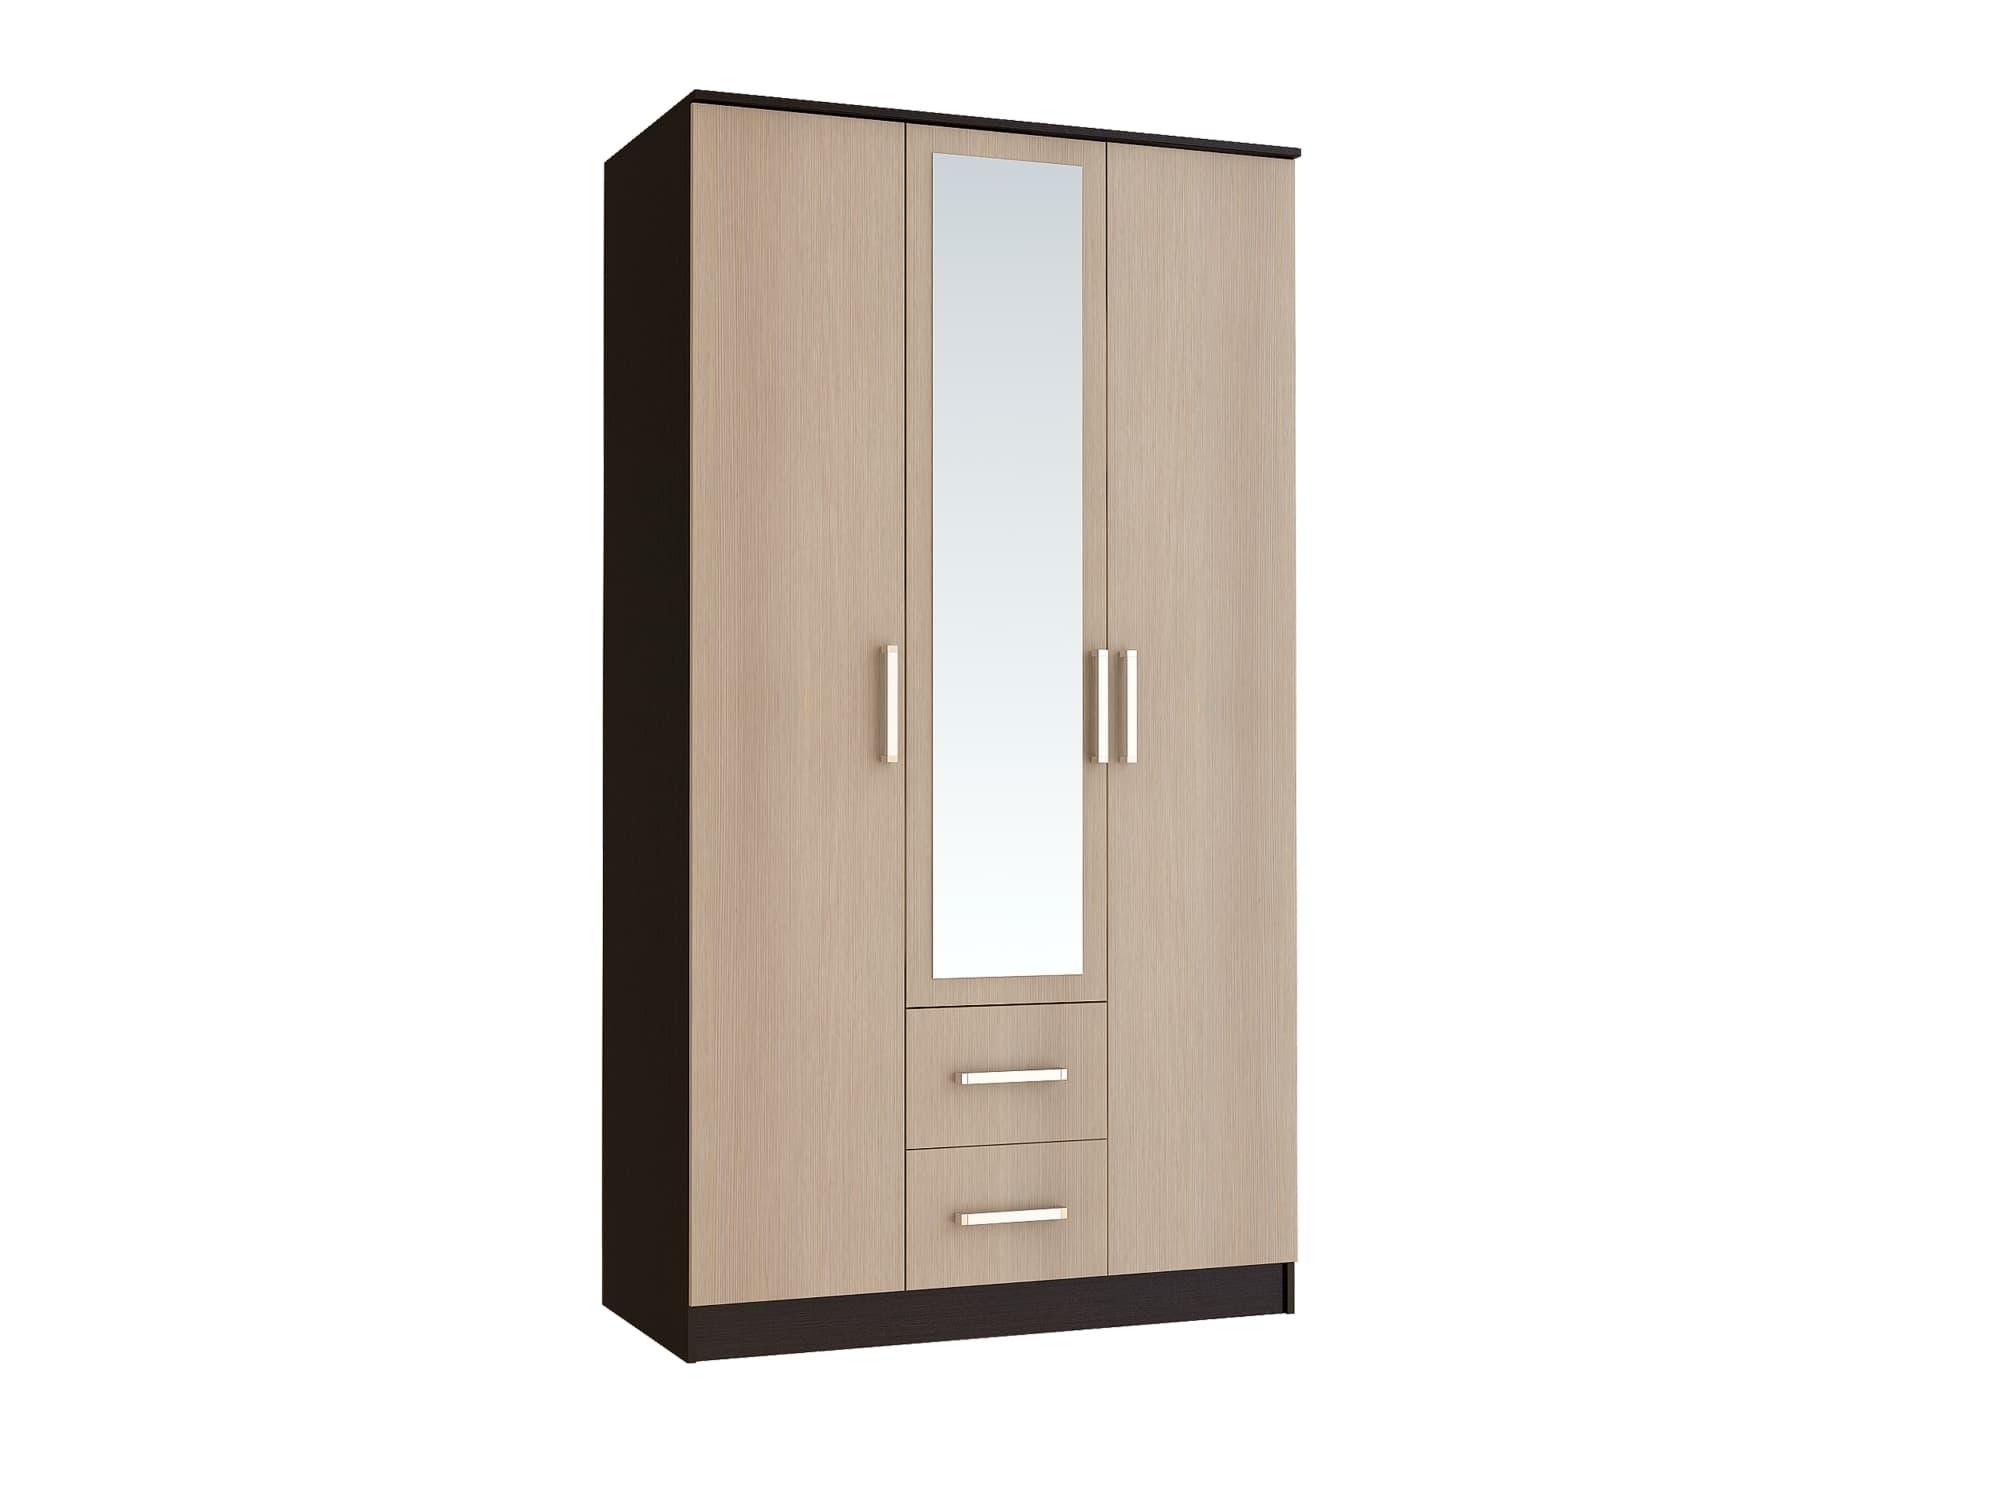 Спальня Фиеста (комплект 1) - фото Шкаф 3-х дверный Фиеста